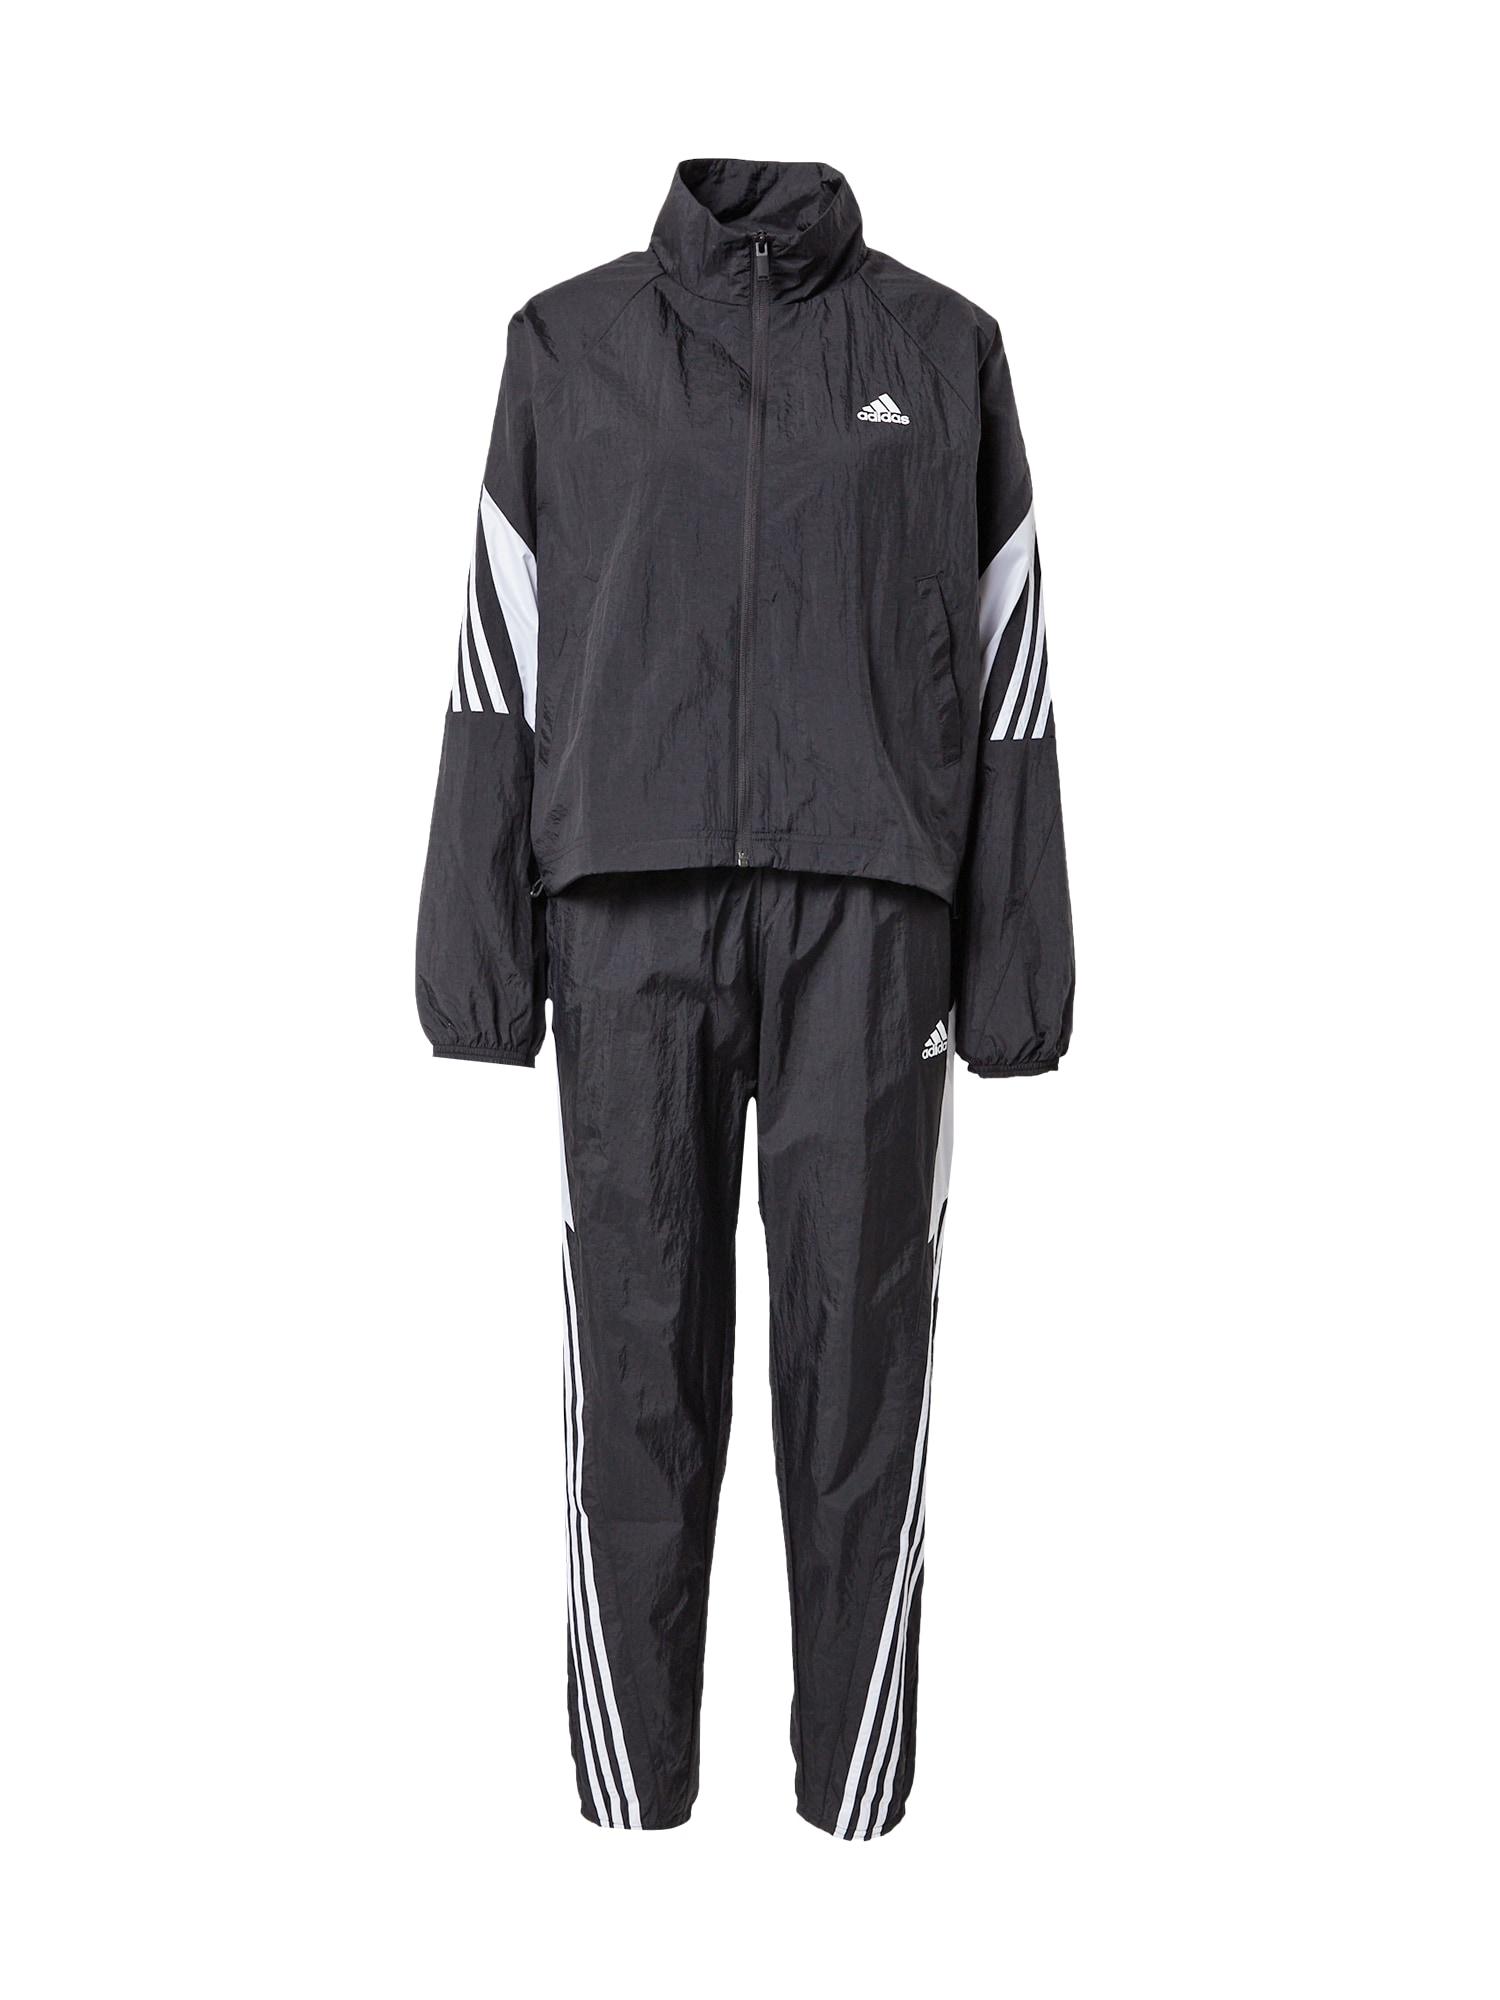 ADIDAS PERFORMANCE Sportinis kostiumas 'GAMETI' juoda / balta